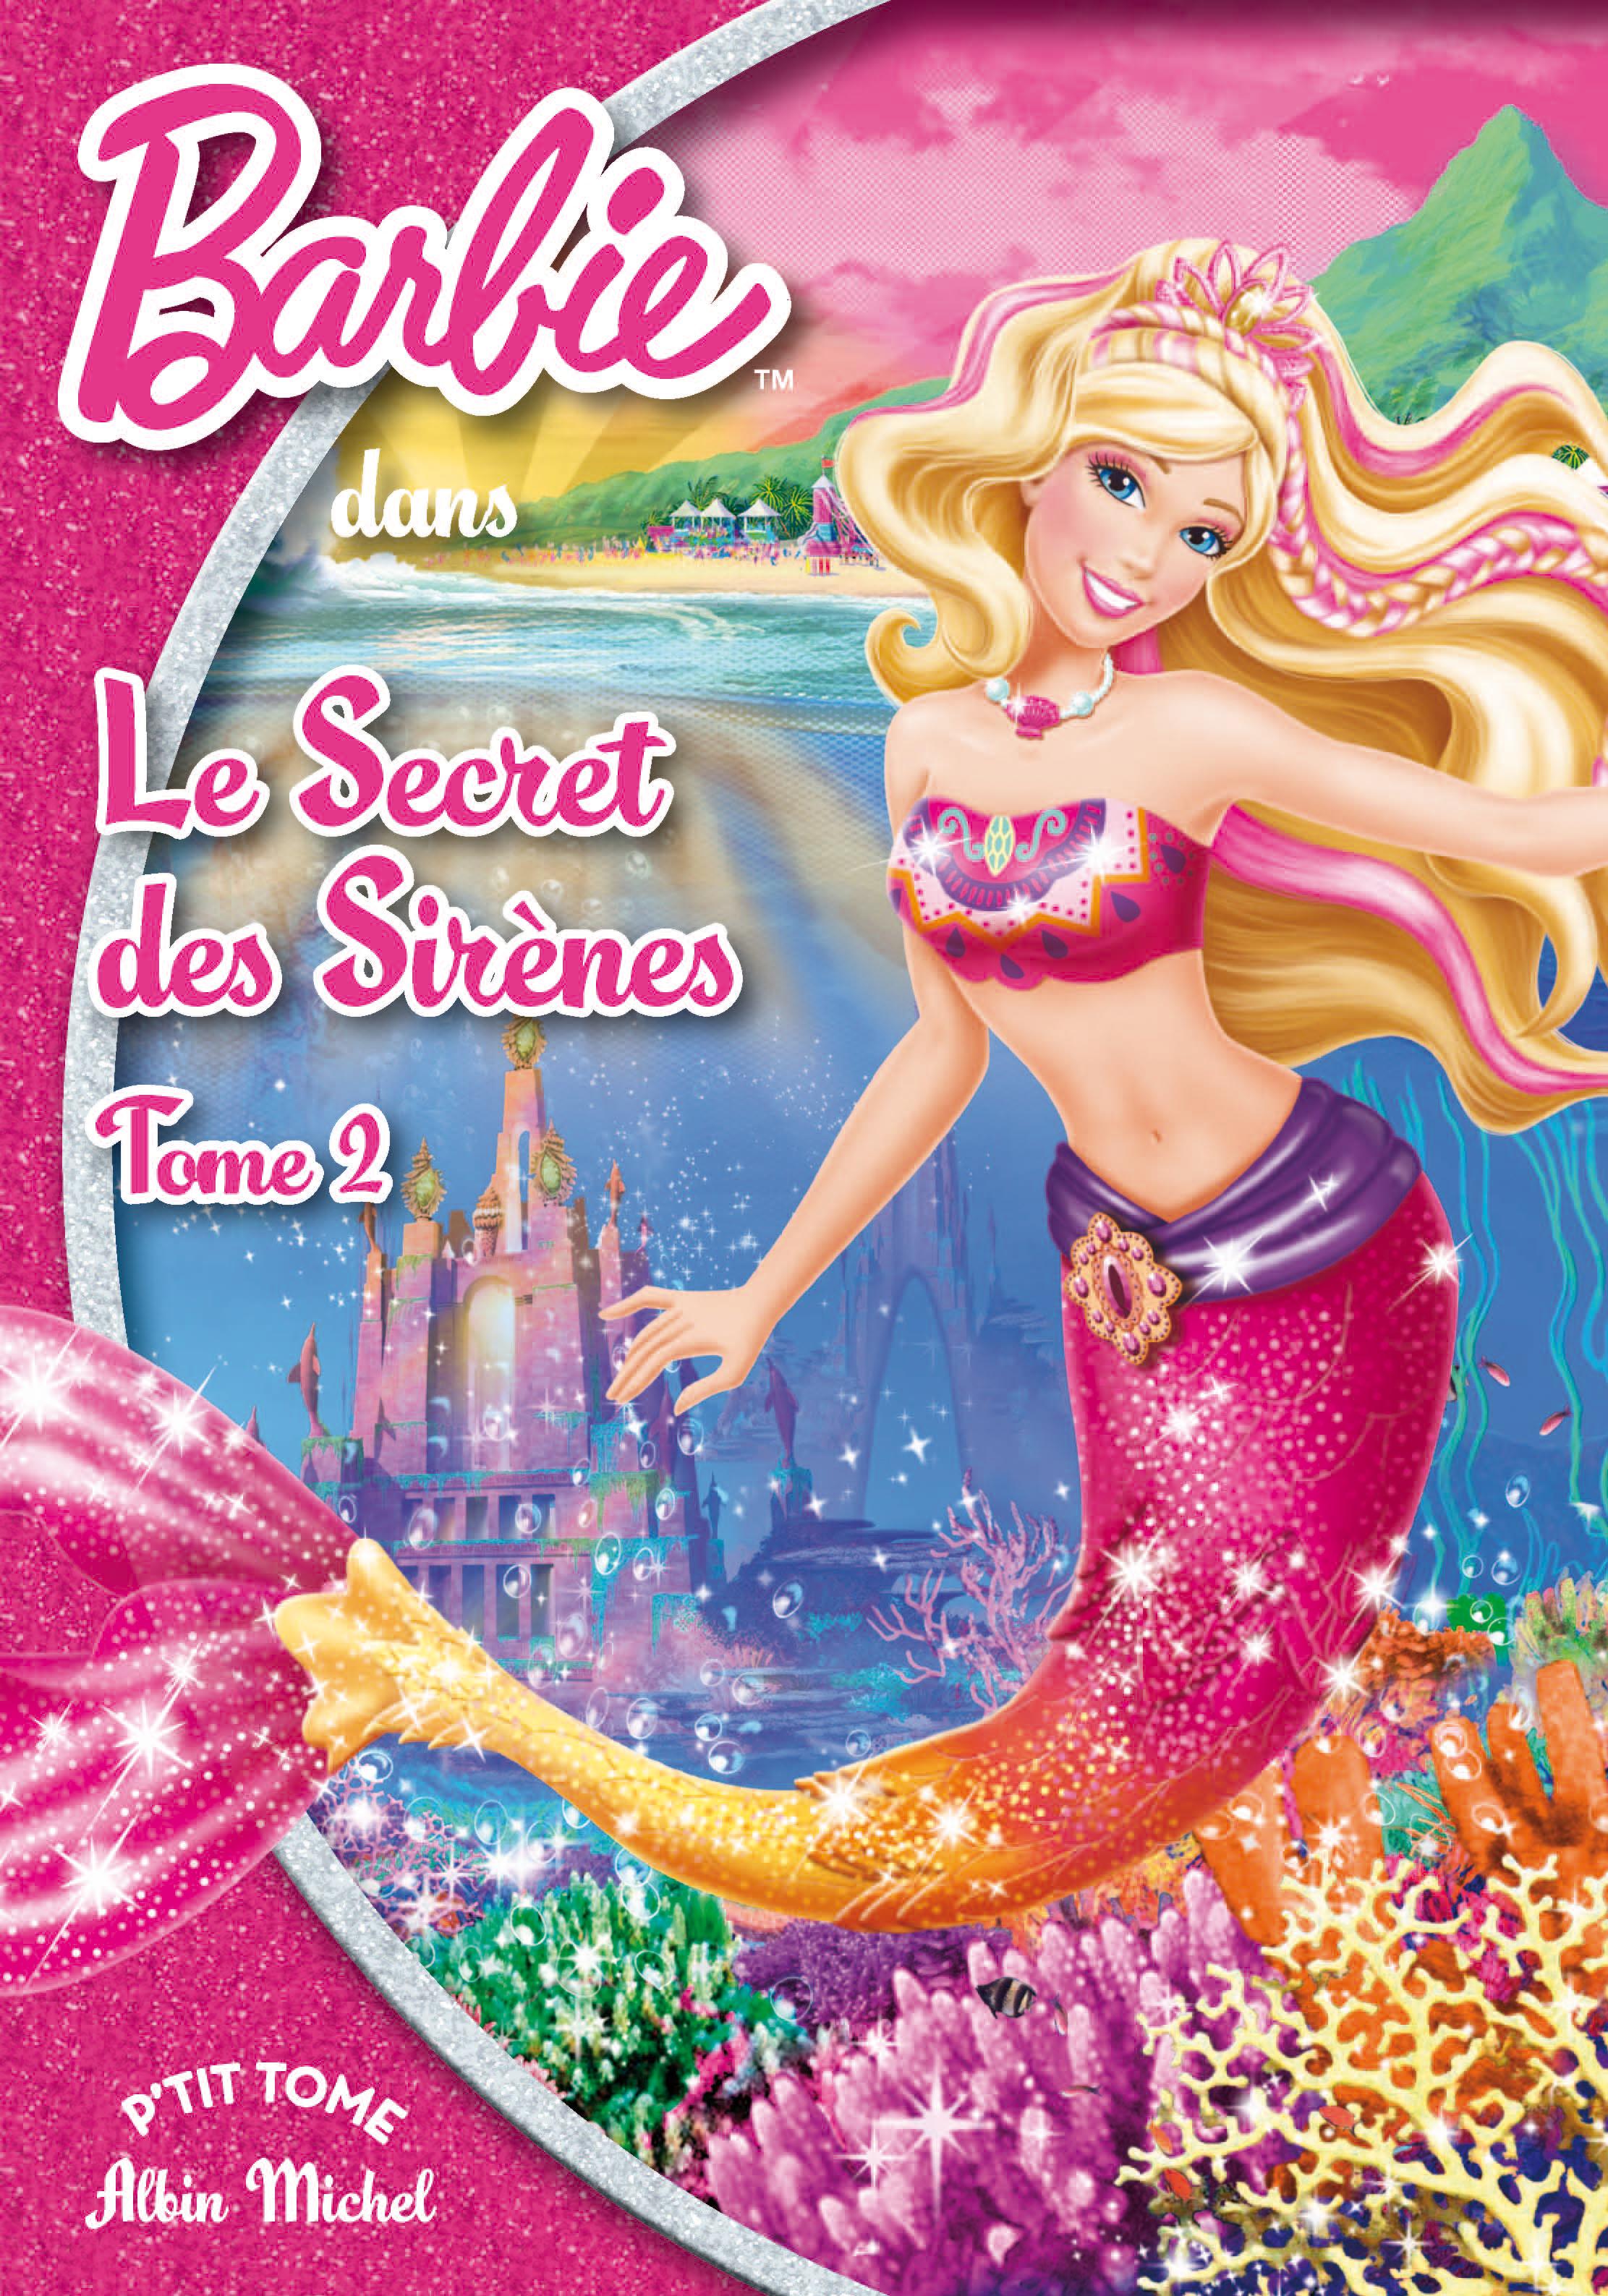 Barbie et le secret des sir nes 2 film cin sanctuary - Barbi et le secret des sirenes 2 ...